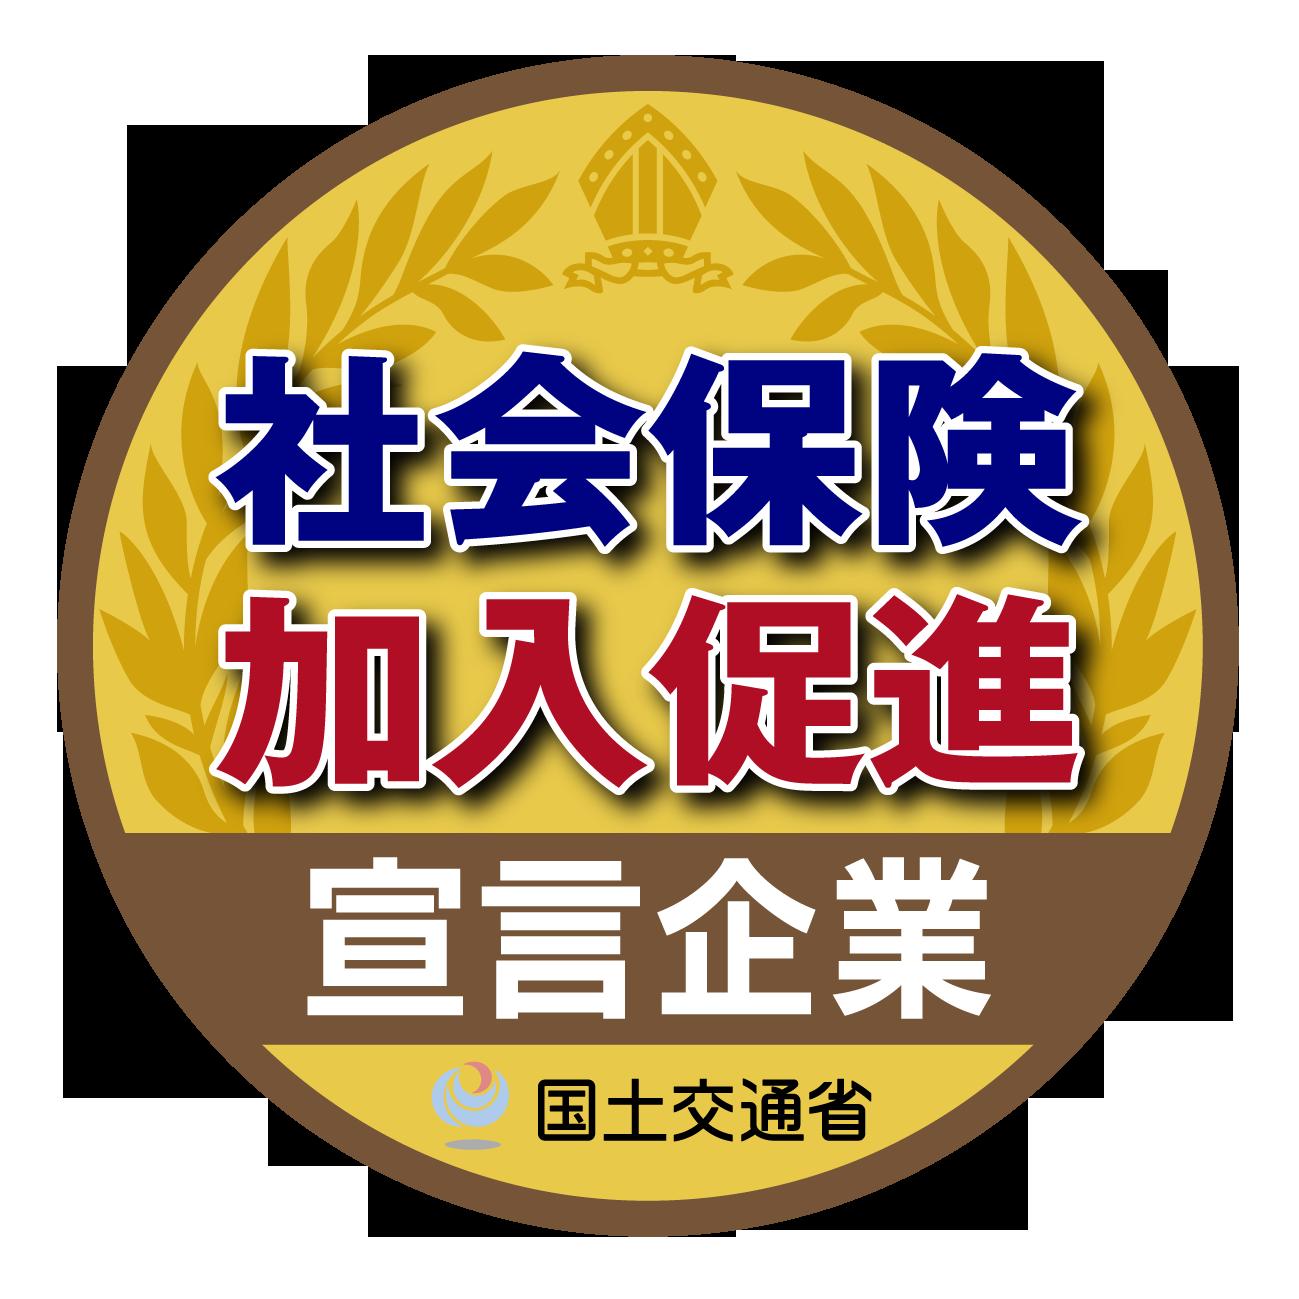 社会保険加入促進宣言企業 株式会社野田建設